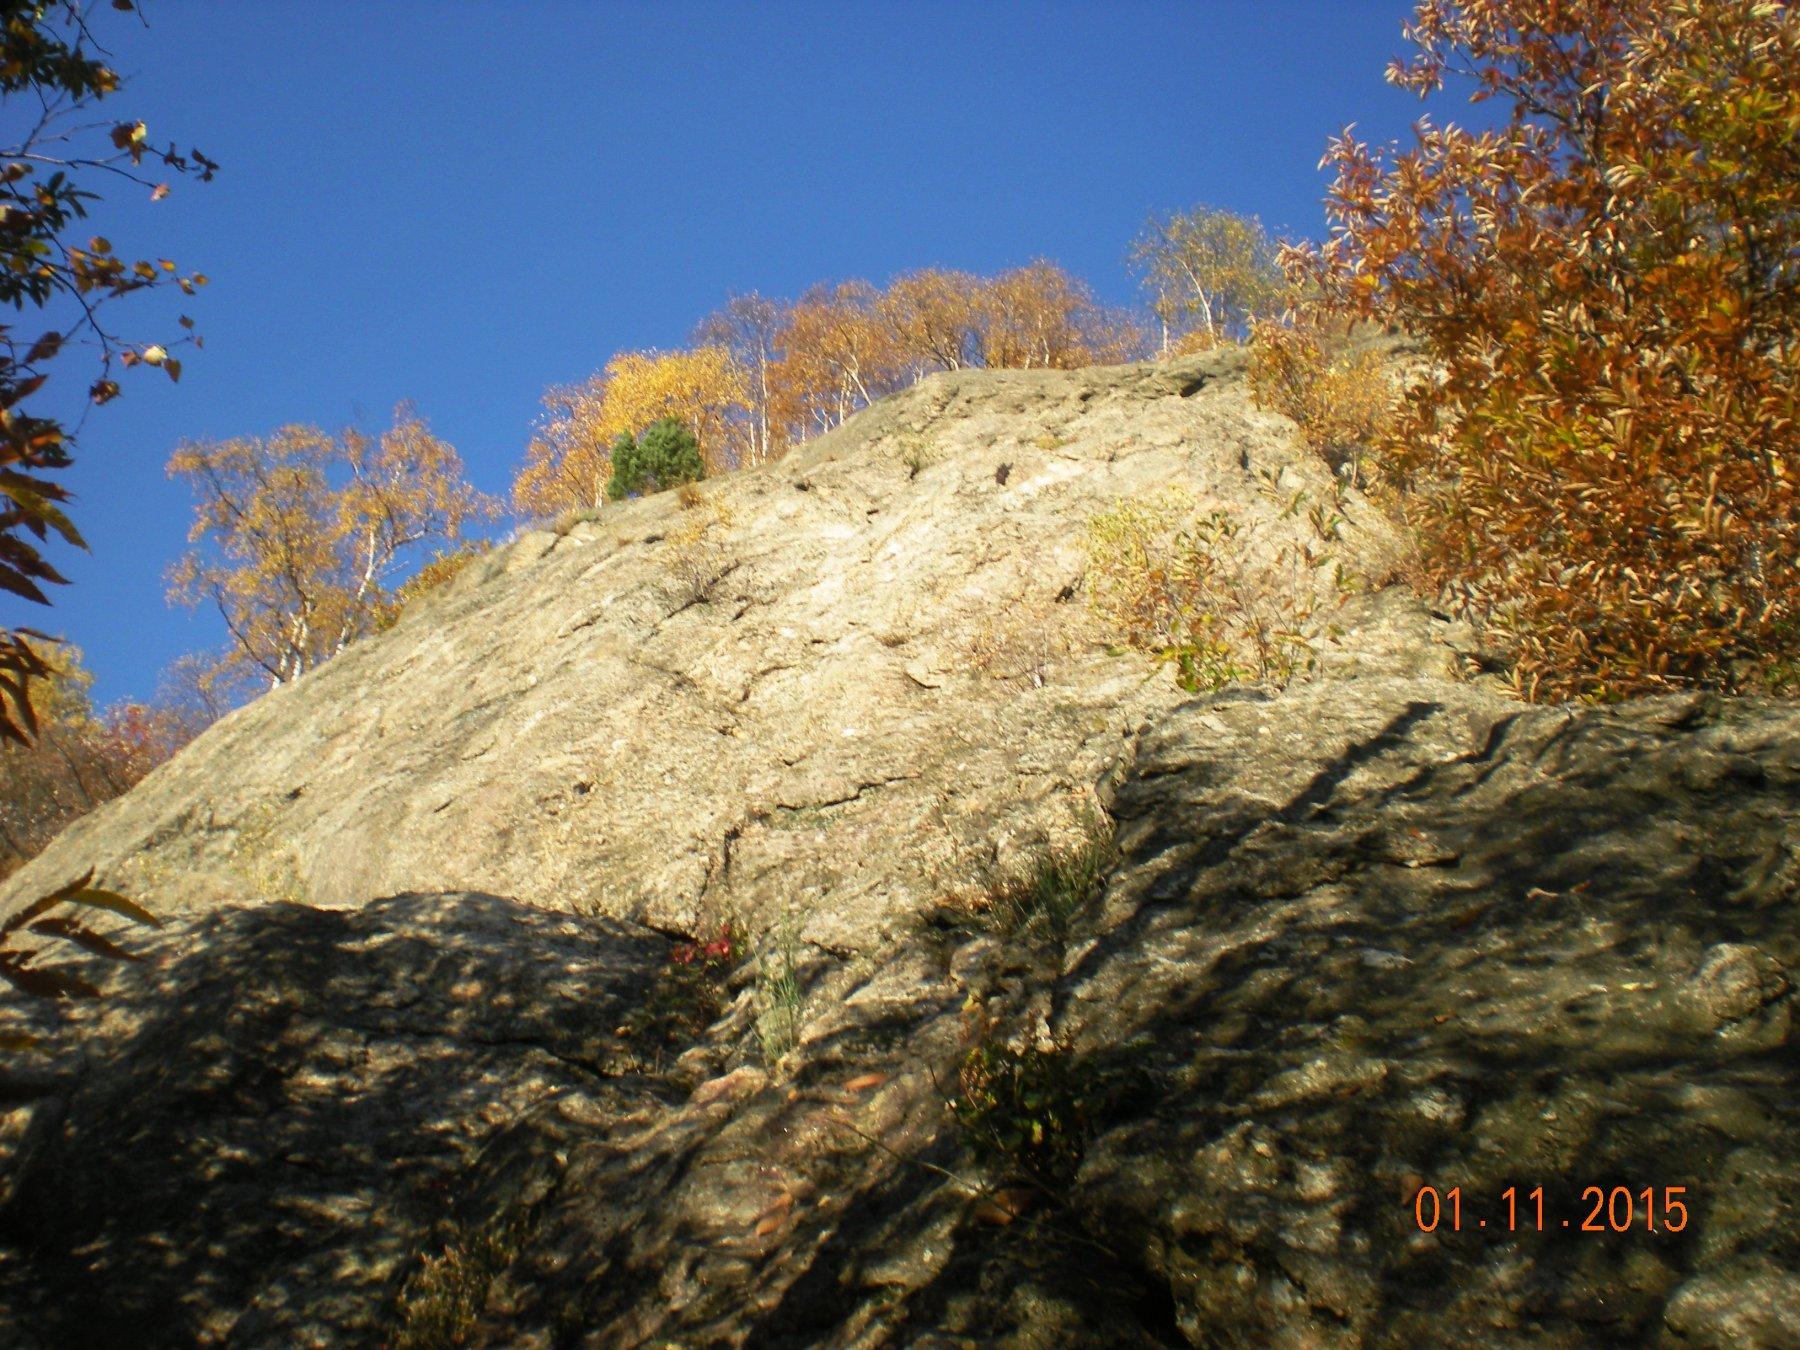 Spigolo Biletta e i colori dell'autunno